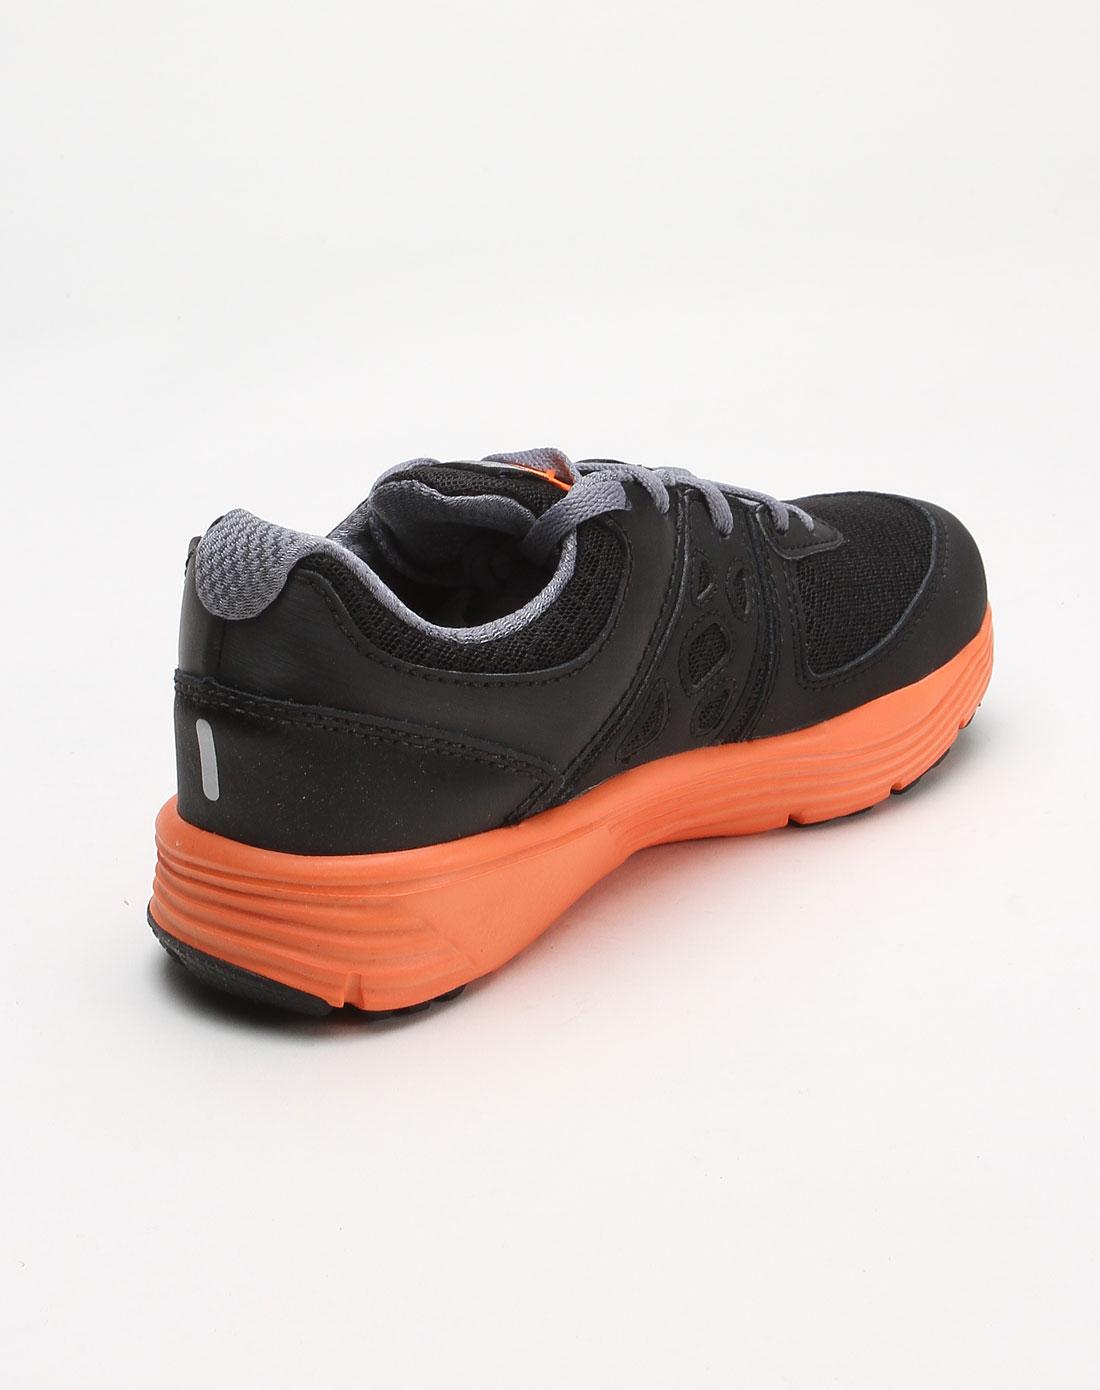 【耐克 儿童黑色透气运动鞋】